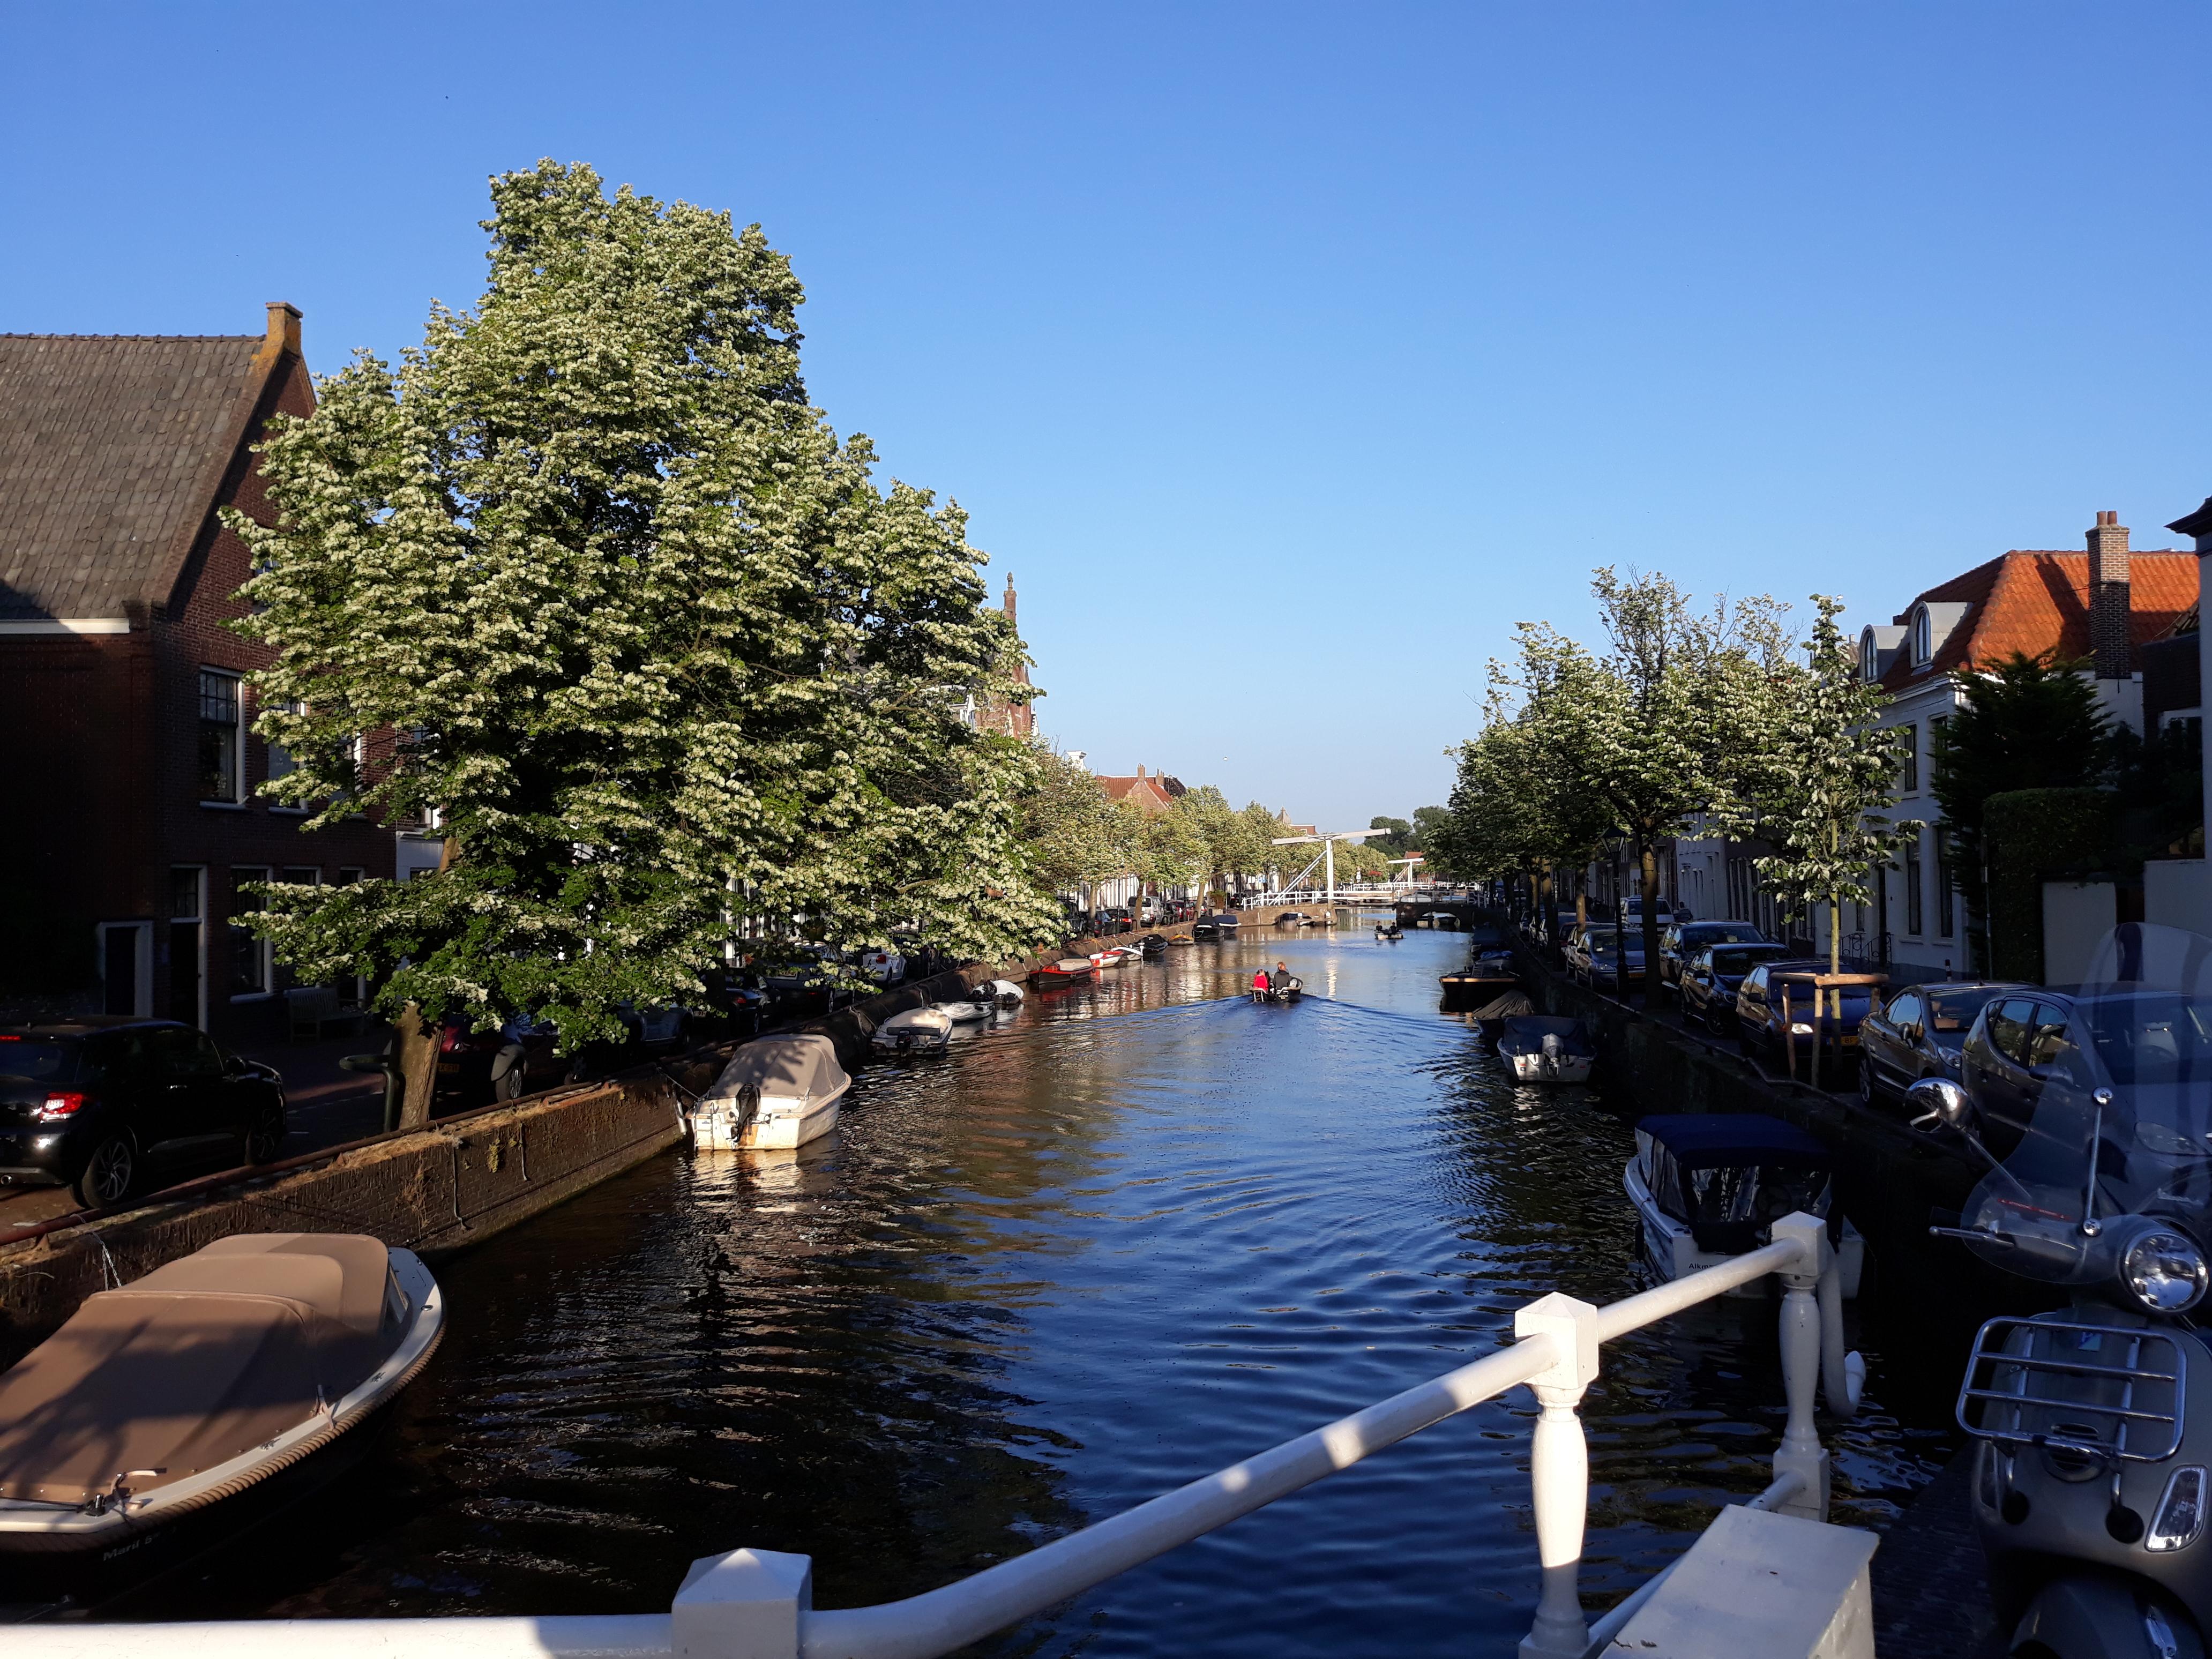 Geef uw omzet in Alkmaar een boost met linkbuilding. Bel vandaag nog 06-12345678